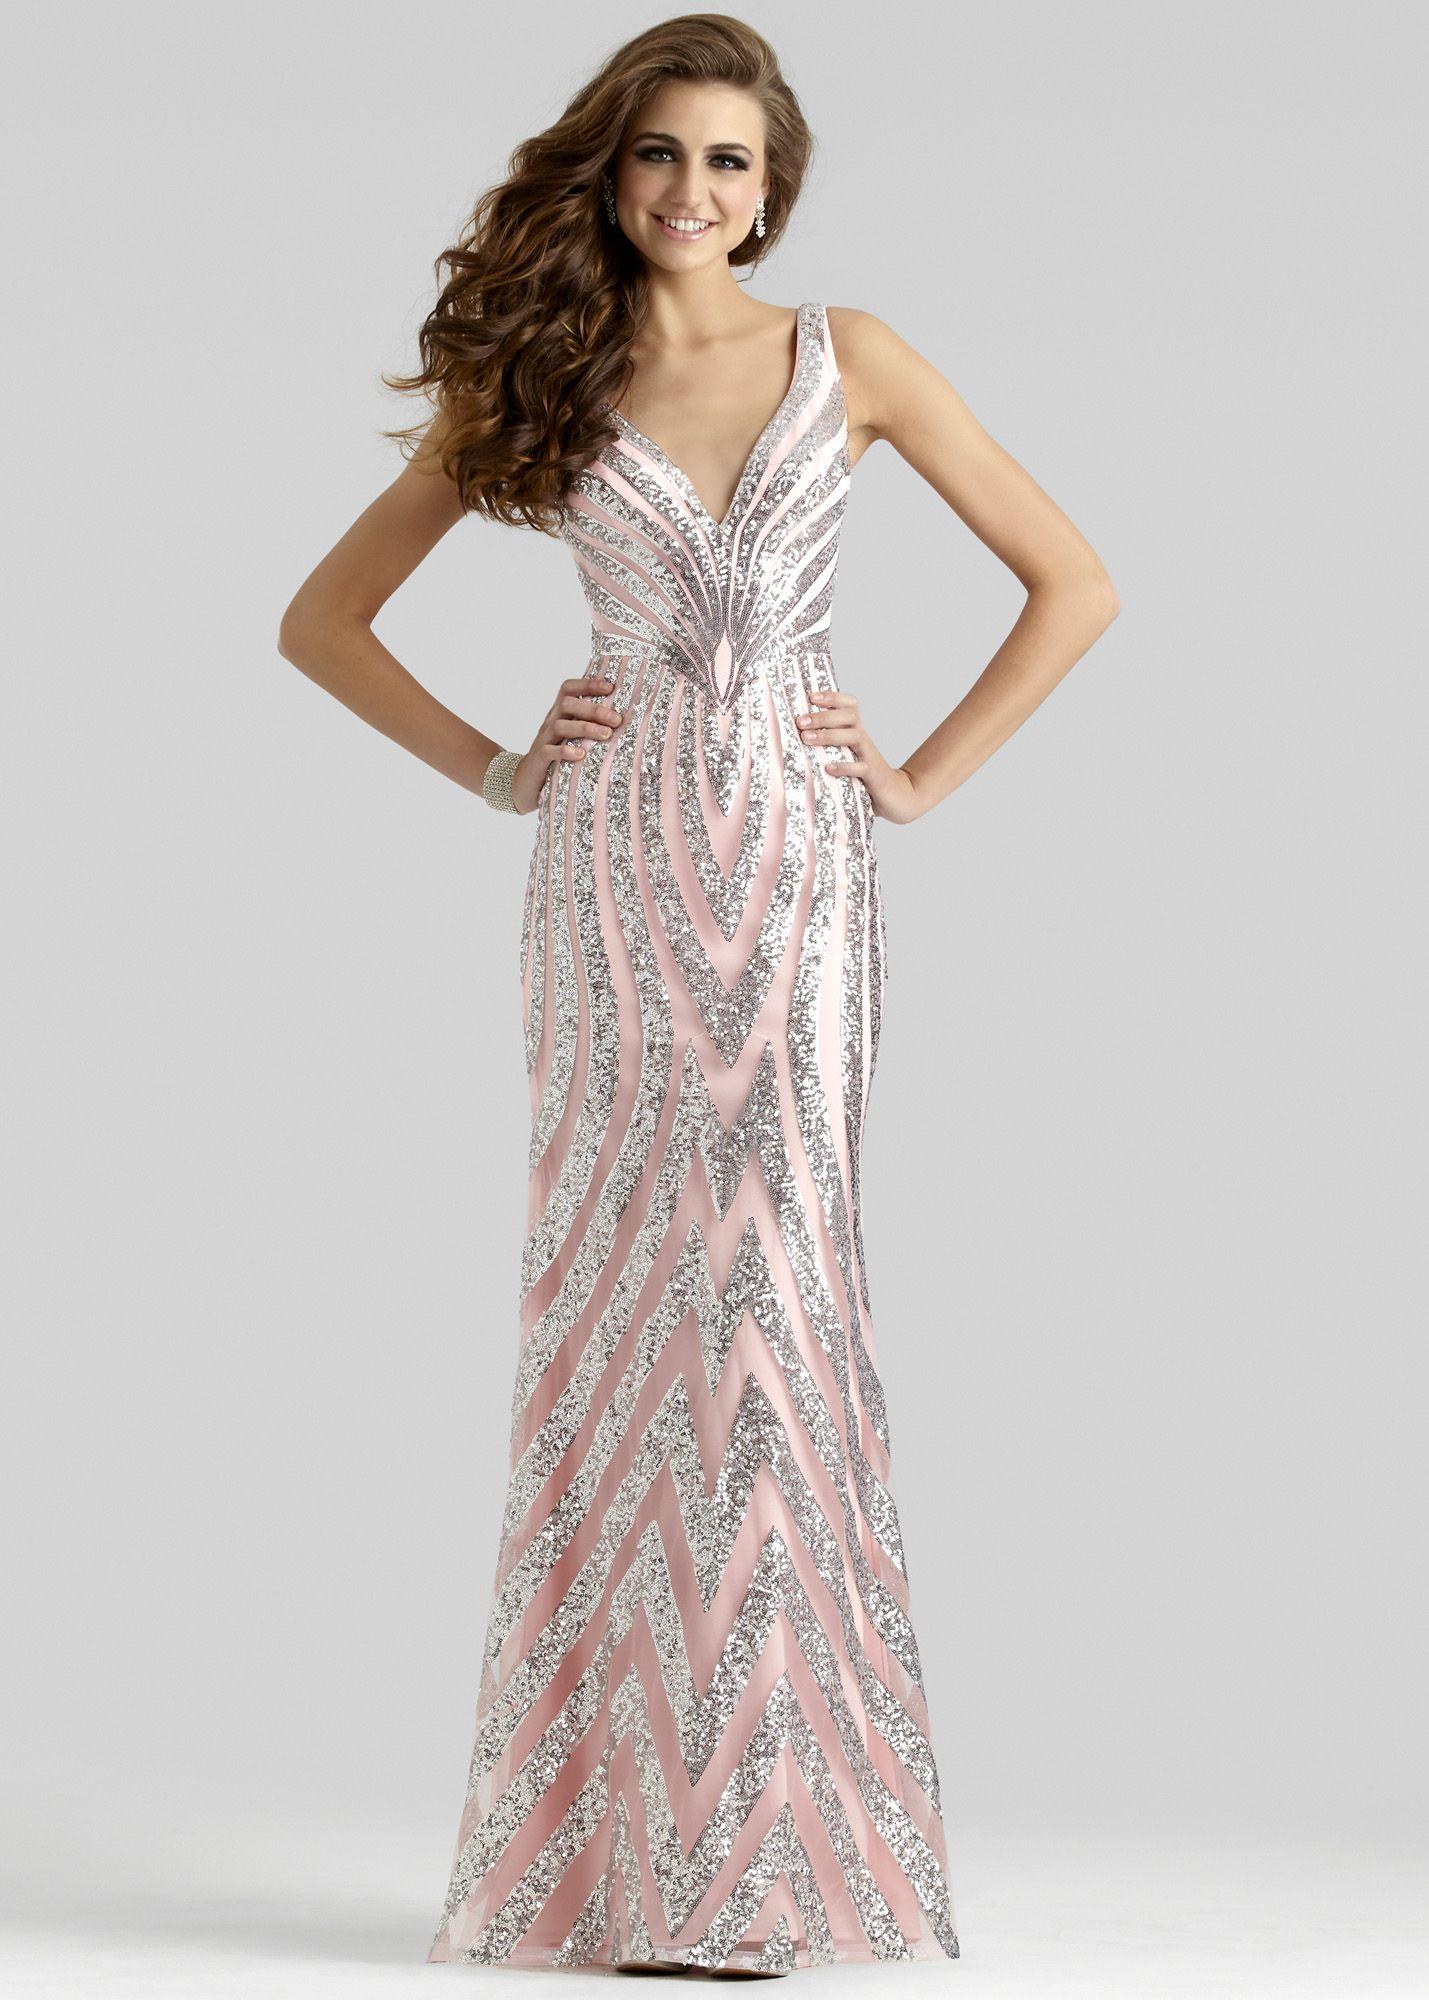 Pink Sequin Prom Dresses 2013 Clarisse 2325 -...